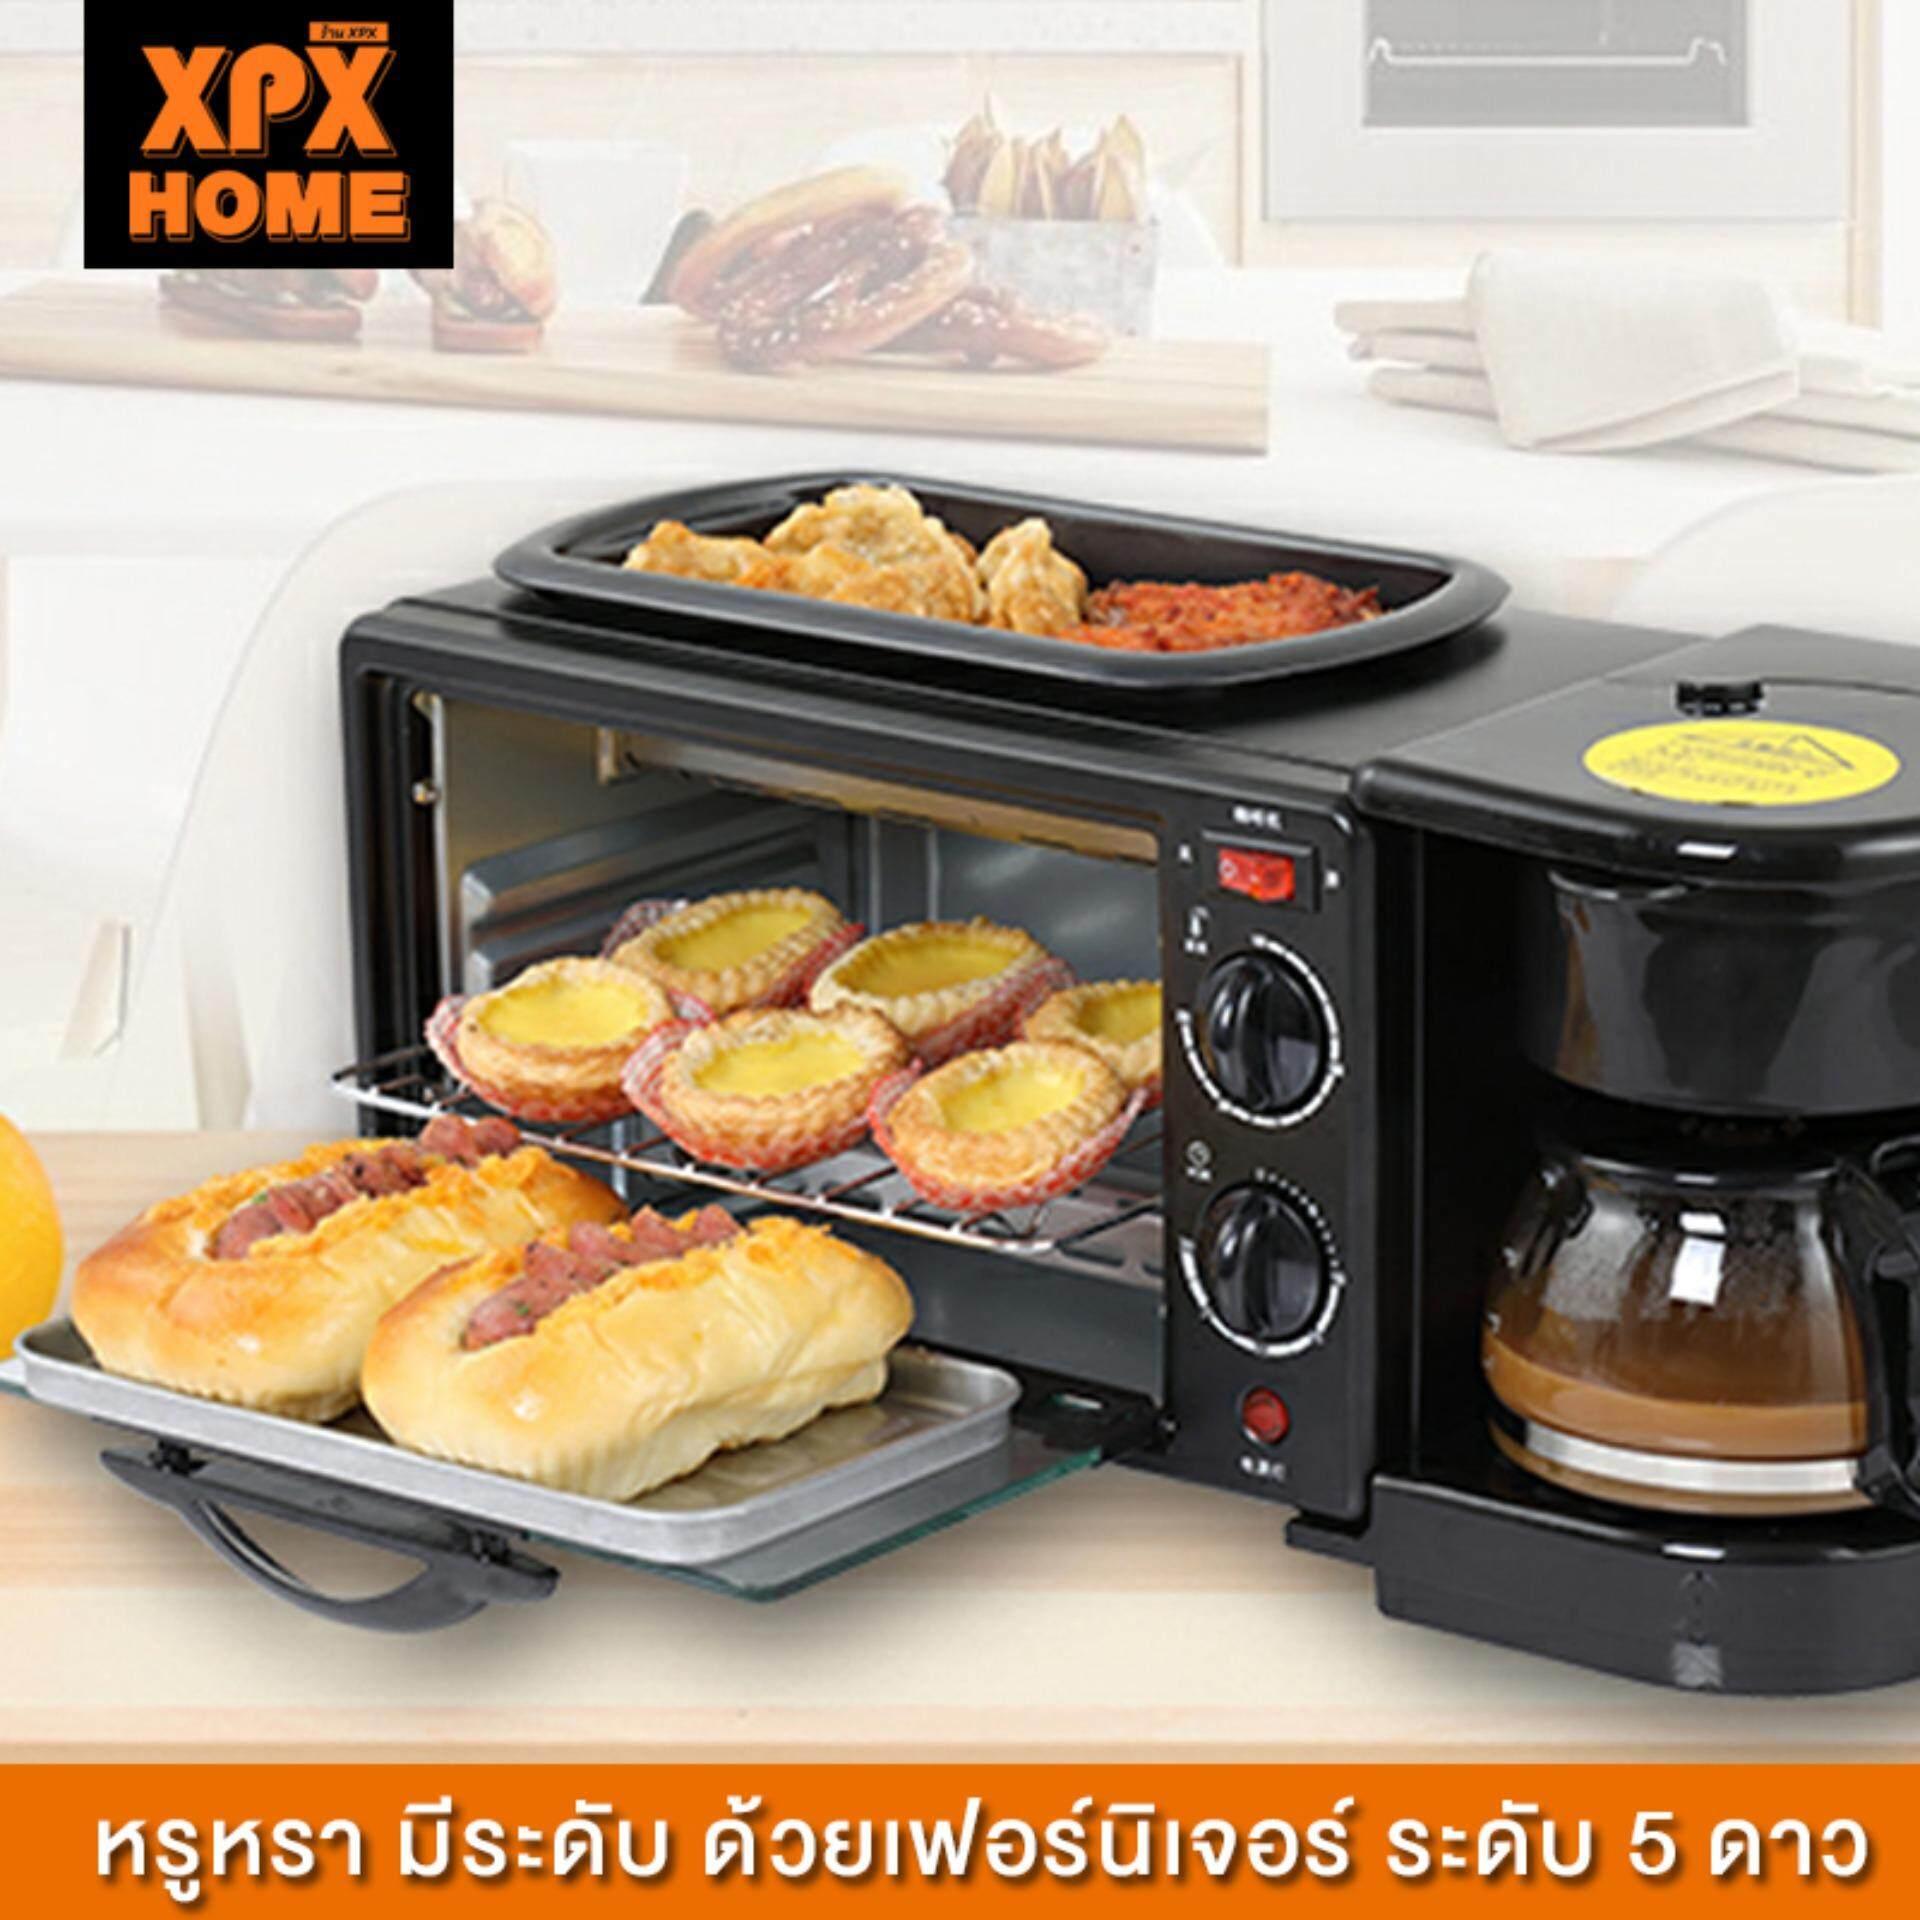 XPX เตาอบ 3 in 1 เตาอบตั้งโต๊ะ เตาอบอเนกประสงค์ เตาอบ ชงกาแฟ กระทะทอด Breakfast Maker เครื่องทำอาหารเช้า ความจุ 9 ลิตร JD39